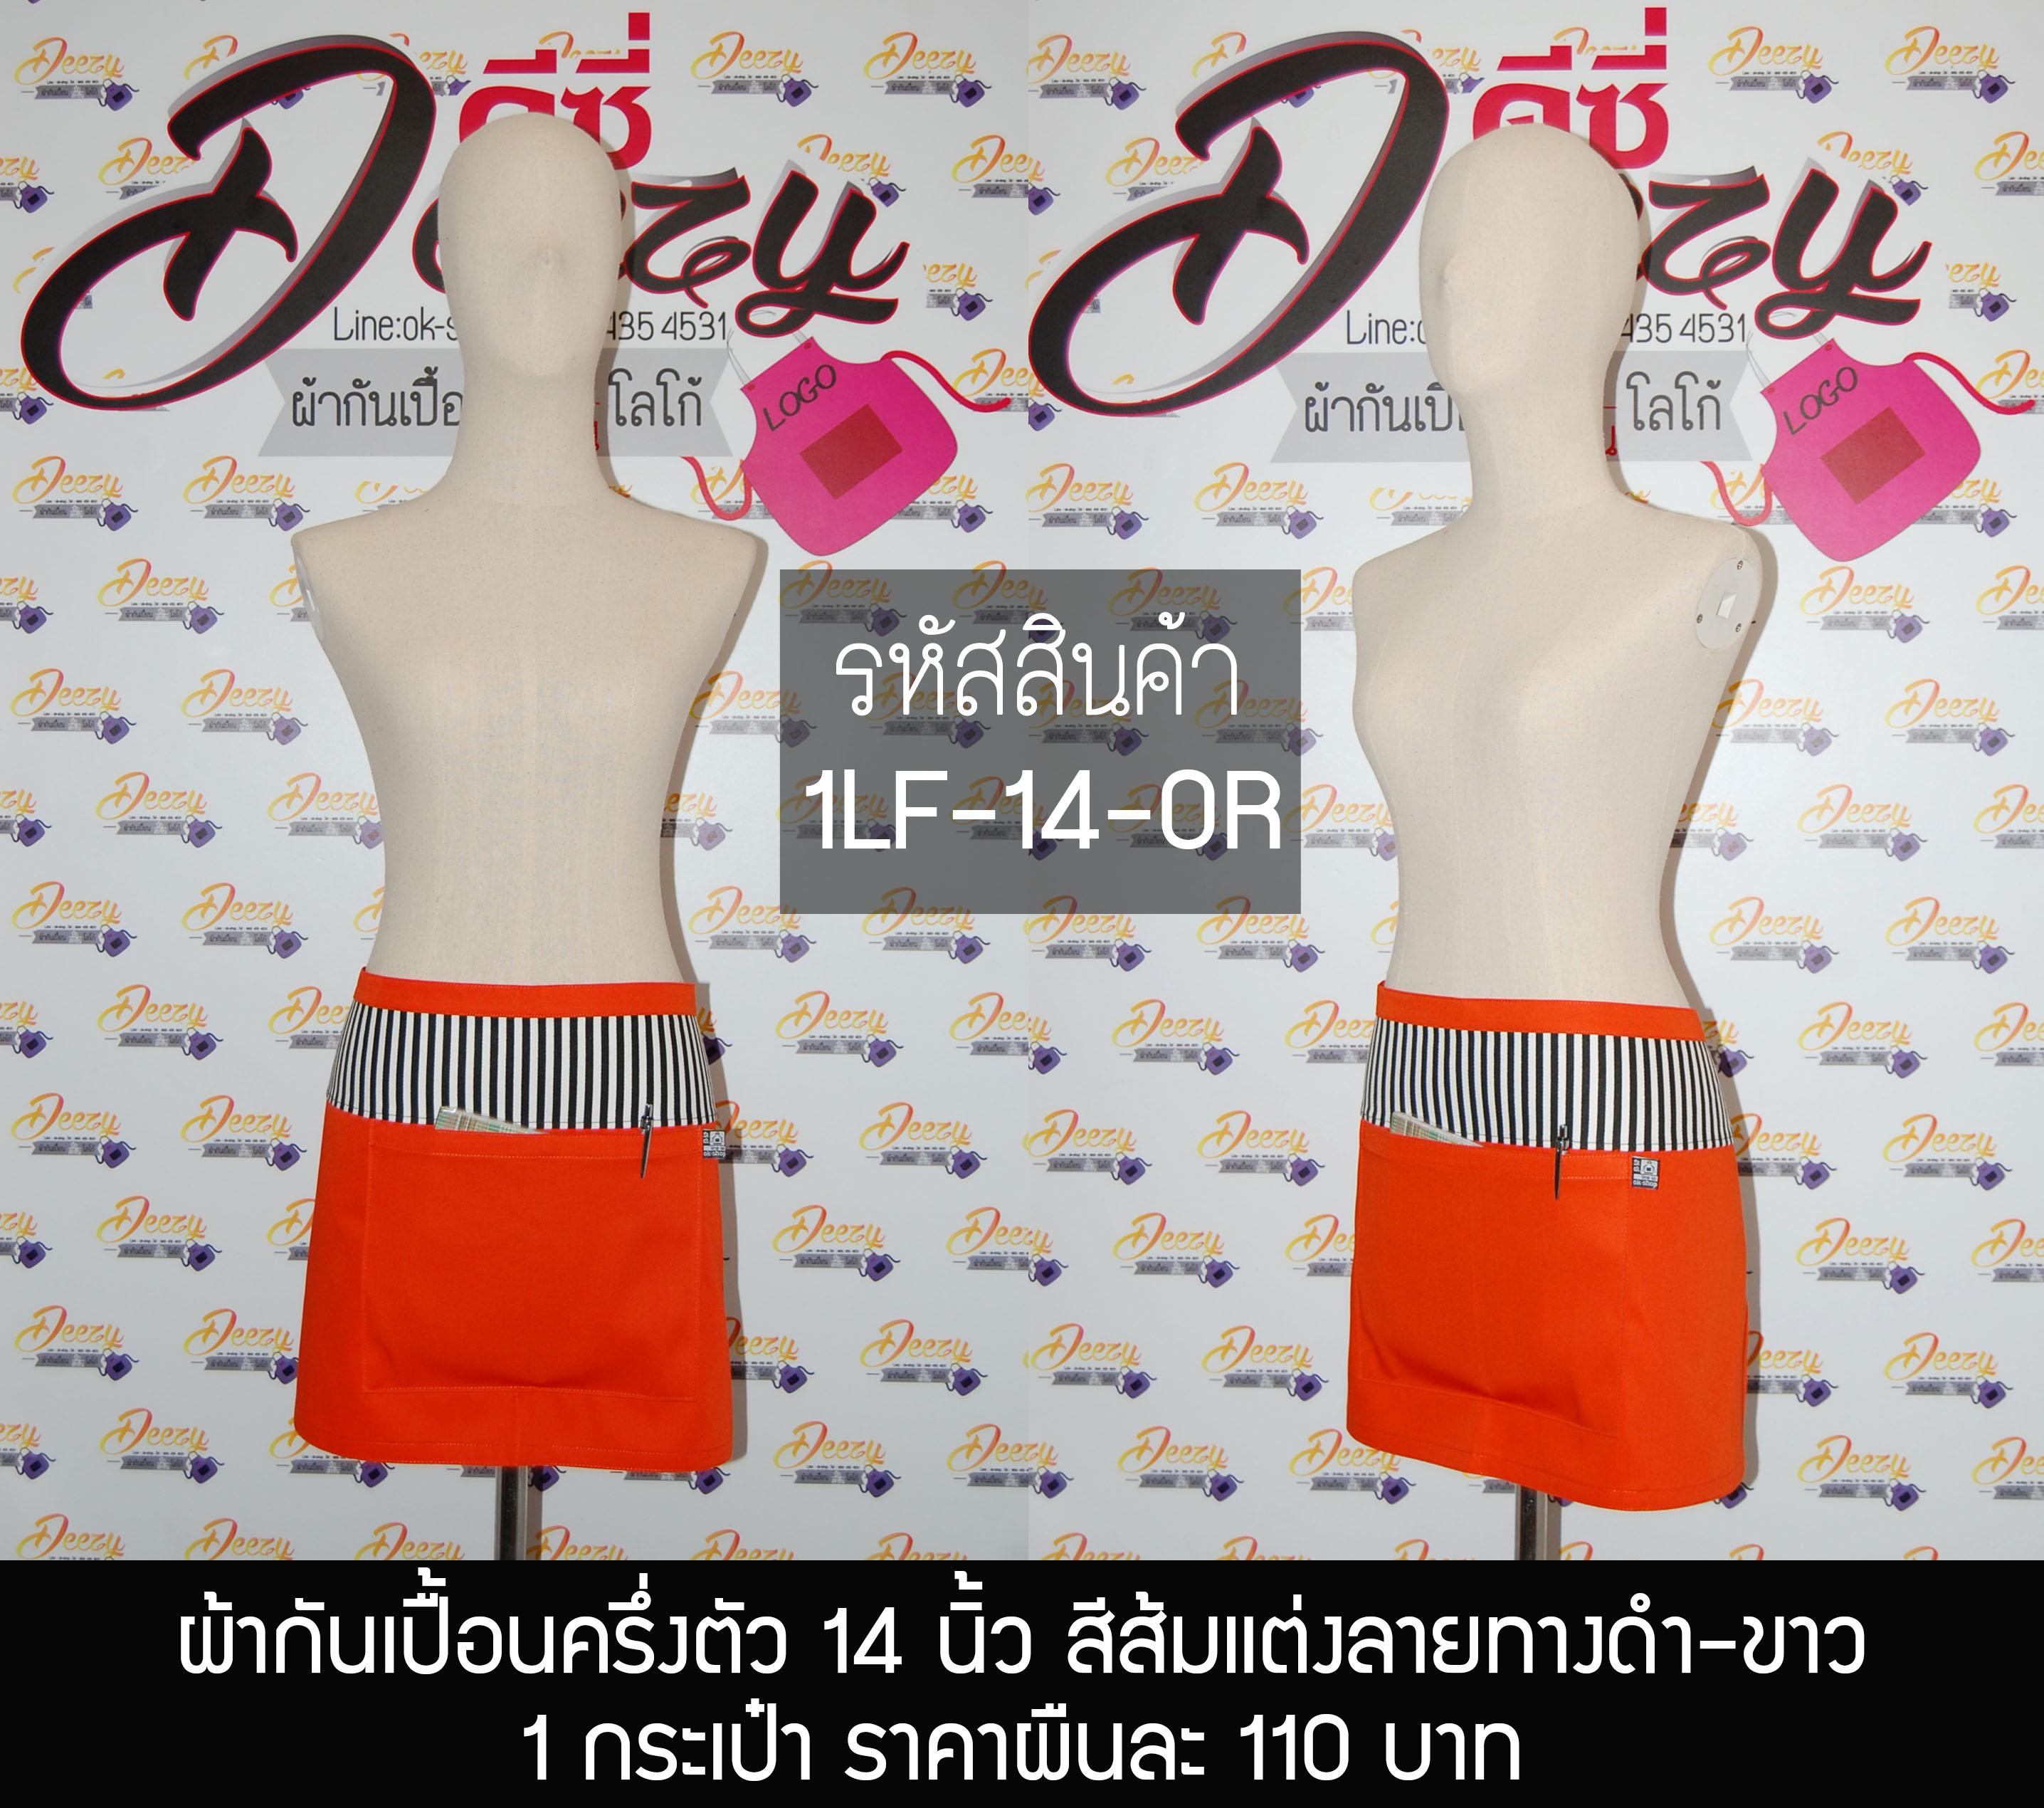 ผ้ากันเปื้อนครึ่งตัว ยาว 14 นิ้ว สีส้มแต่งลายทางดำ-ขาว กระเป๋า 1 ใบ